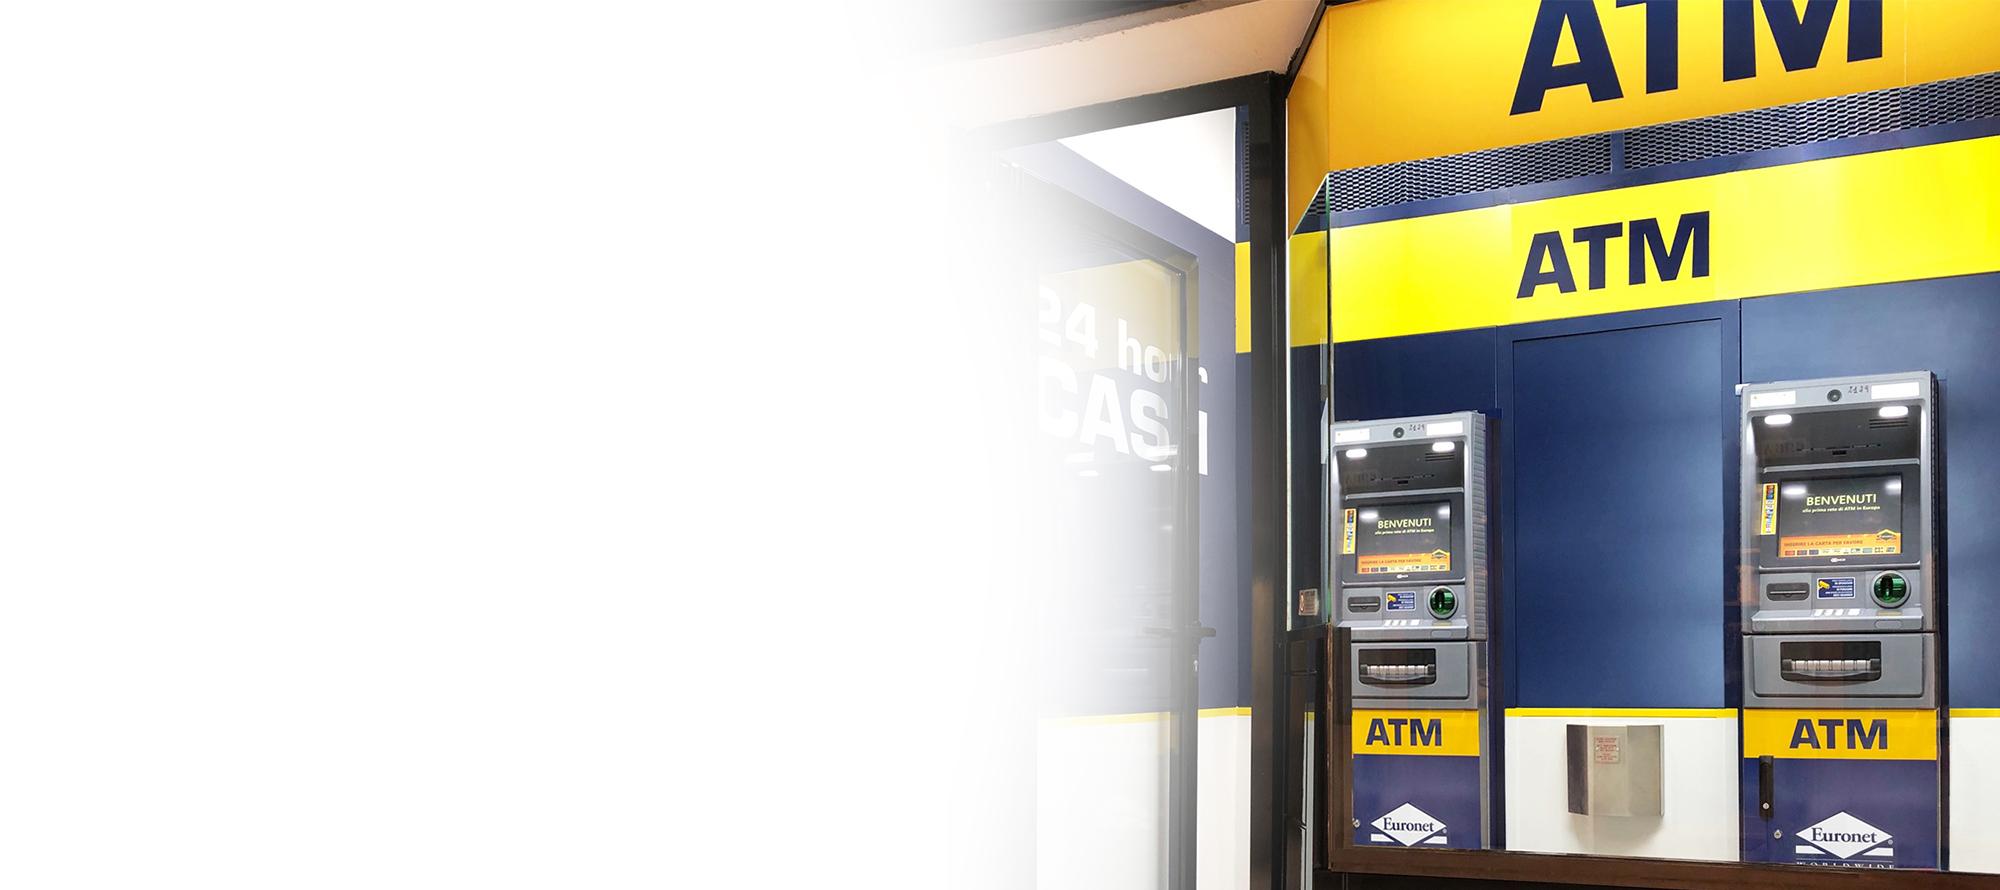 Un ATM Euronet può apportare benefici alla tua attività e fornire ai clienti un comodo accesso ai contanti.